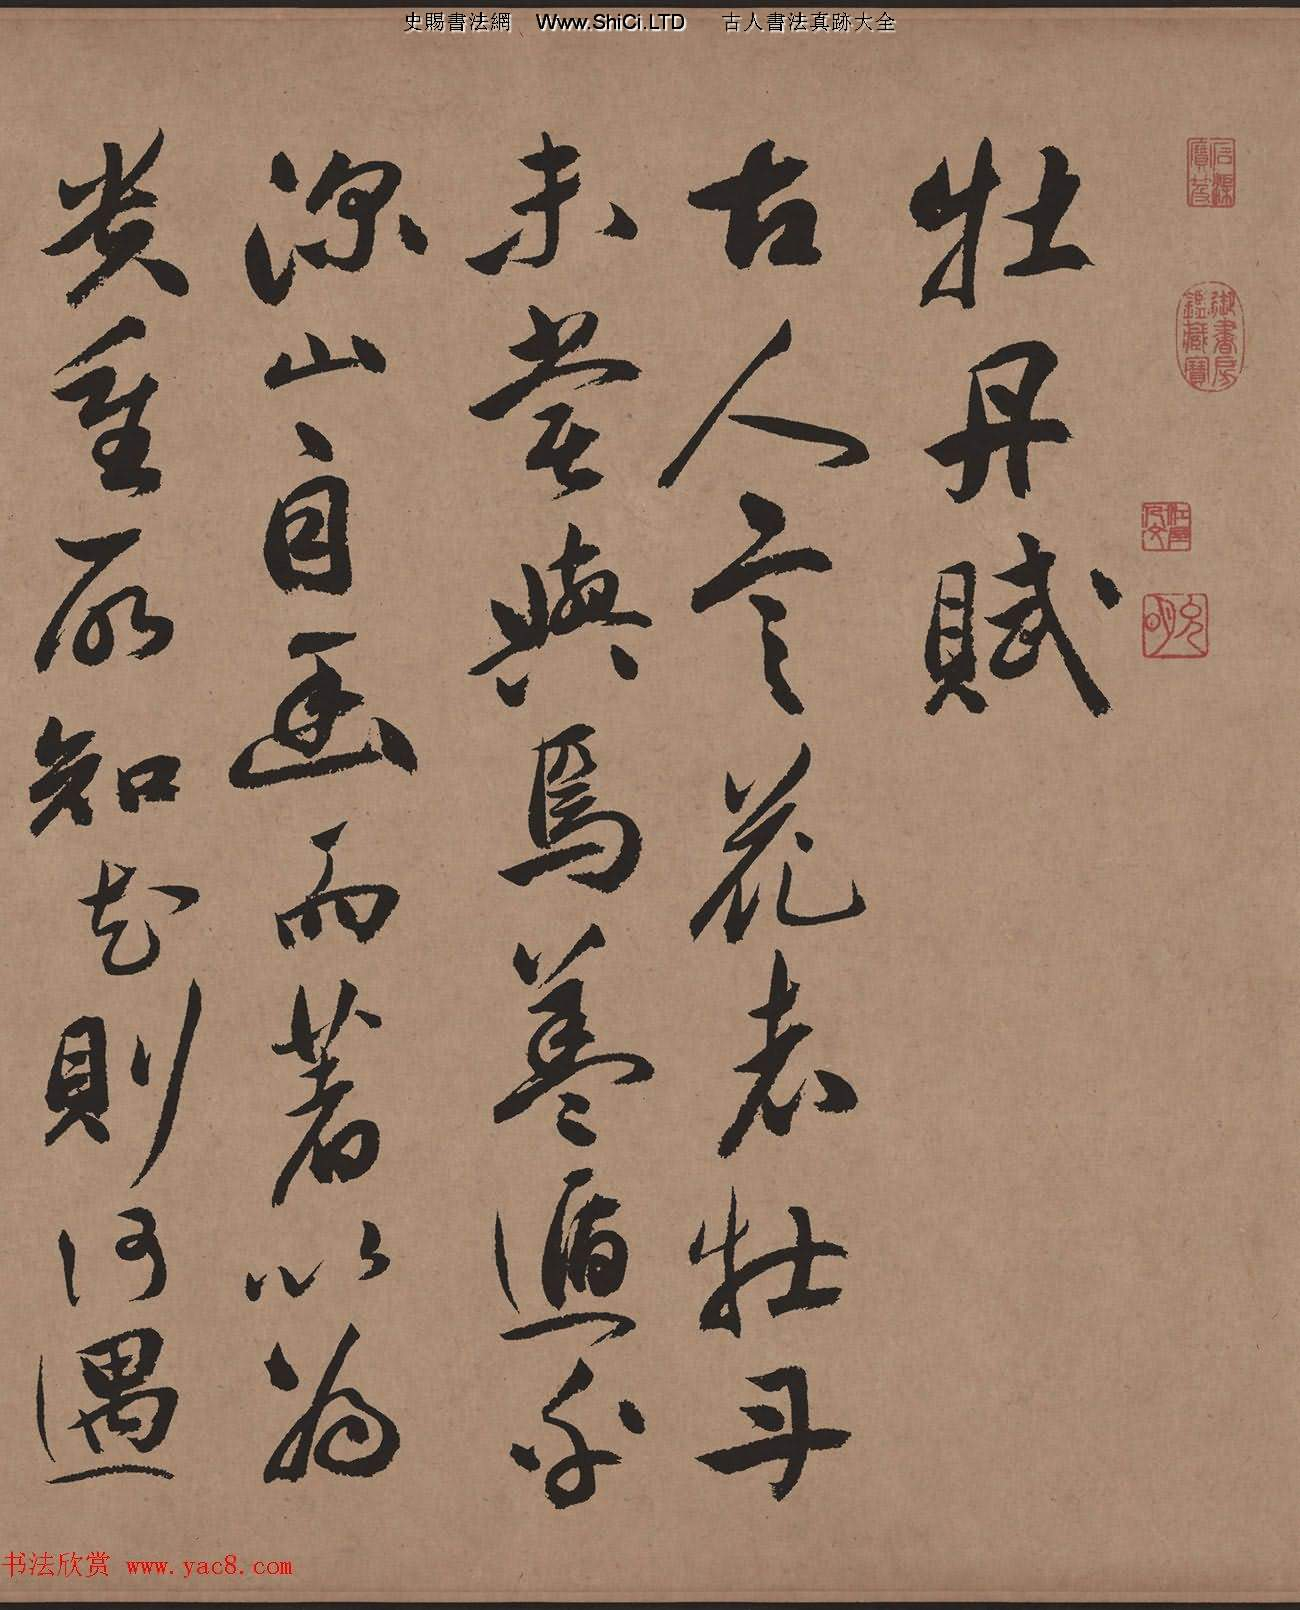 祝允明65歲行草書法字帖《牡丹賦》彩色高清(共20張圖片)